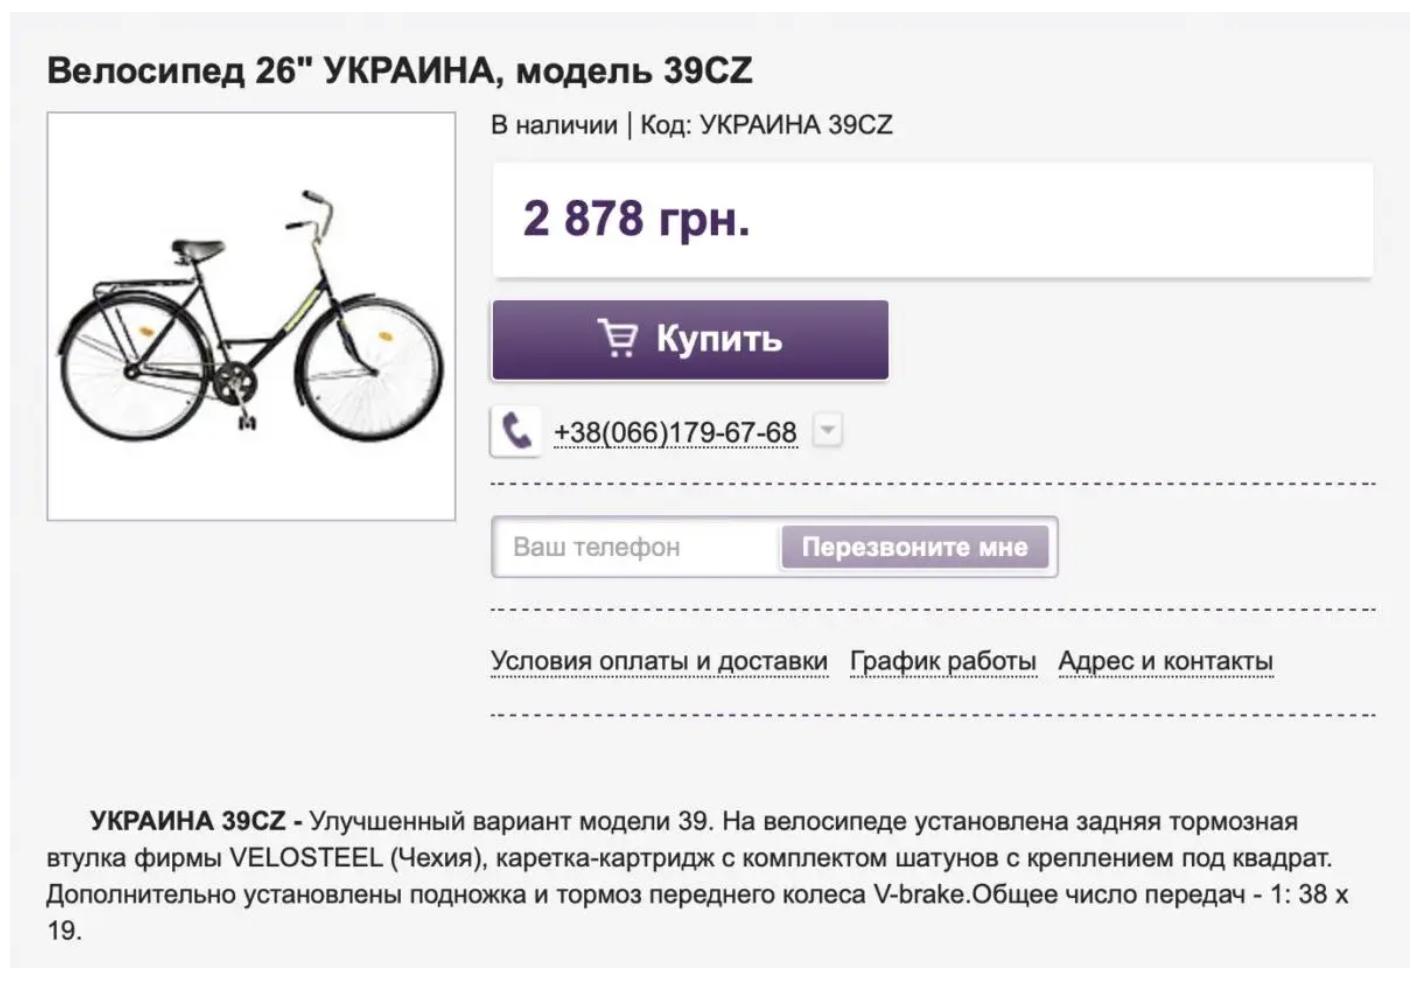 Военный арсенал под Уманью купил 35 велосипедов Украина